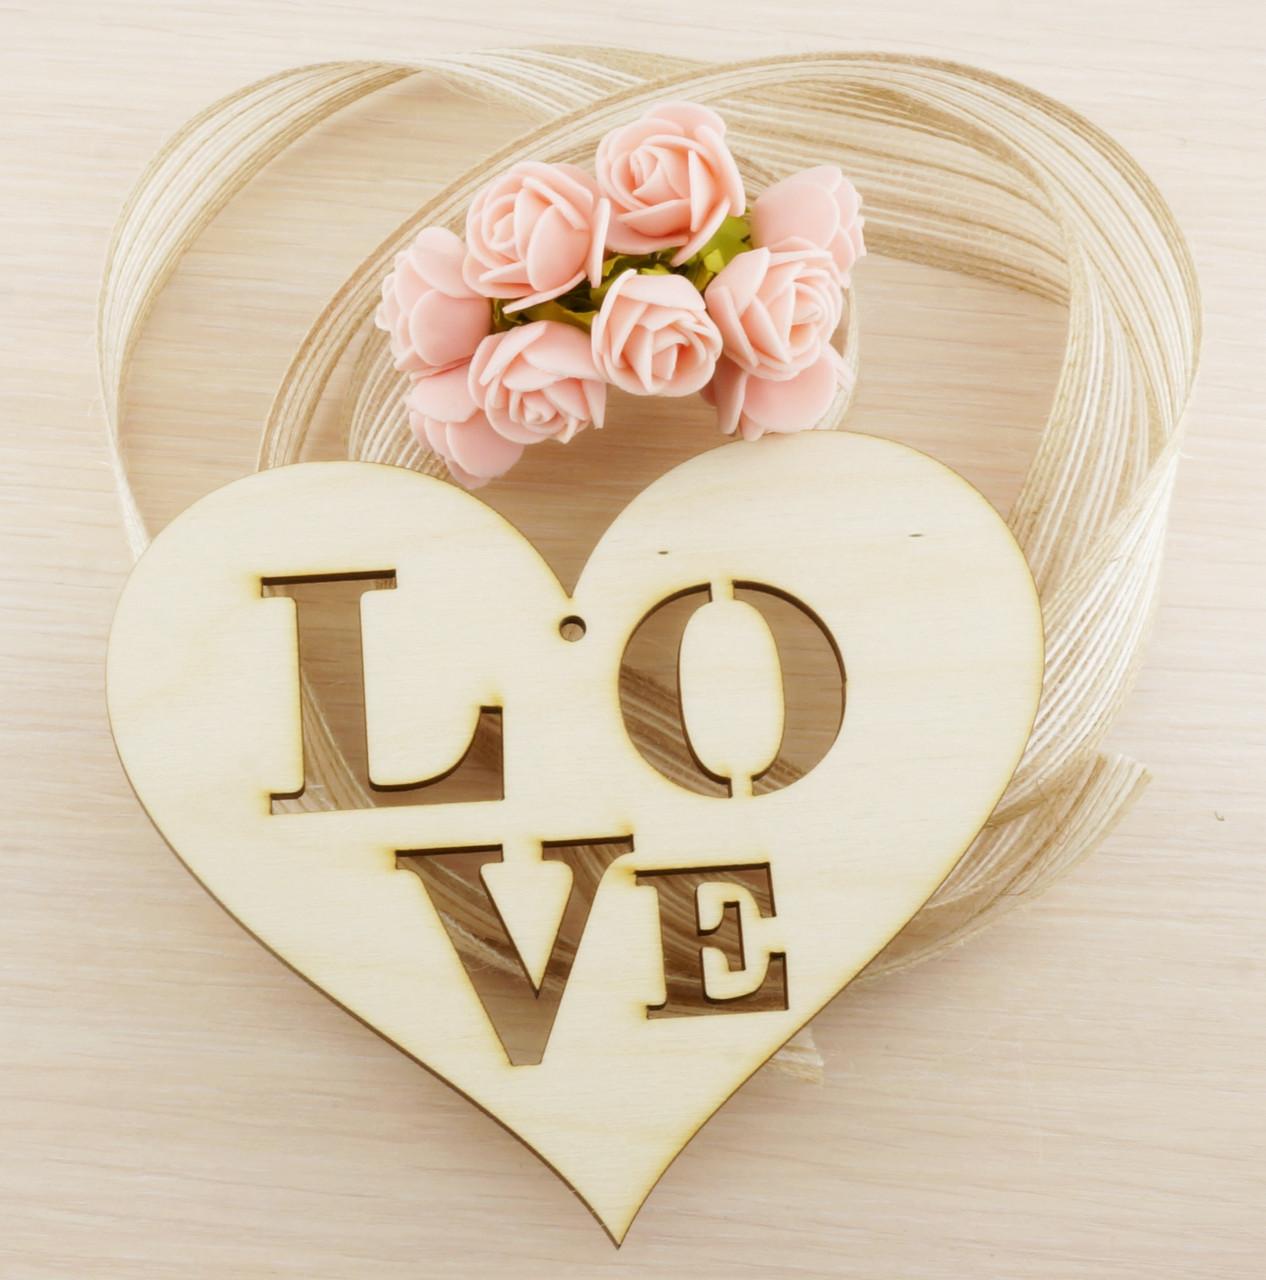 Сердце LOVE Фанера 4Х130Х150 мм   (товар при заказе от 200 грн) - магазин-студия Цацки в Чернигове